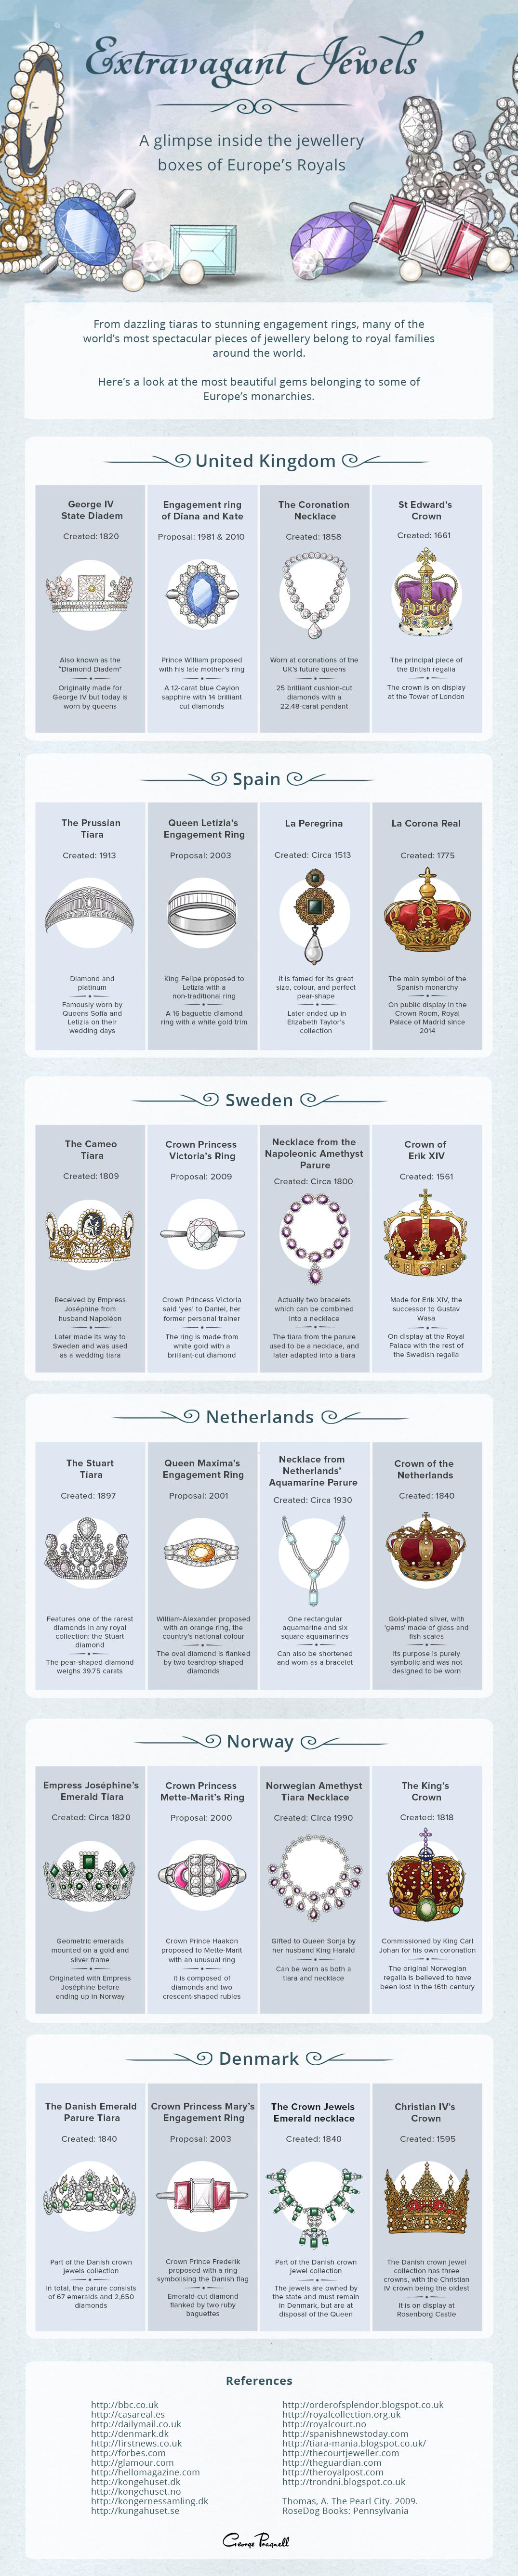 Royal Wedding Jewellery